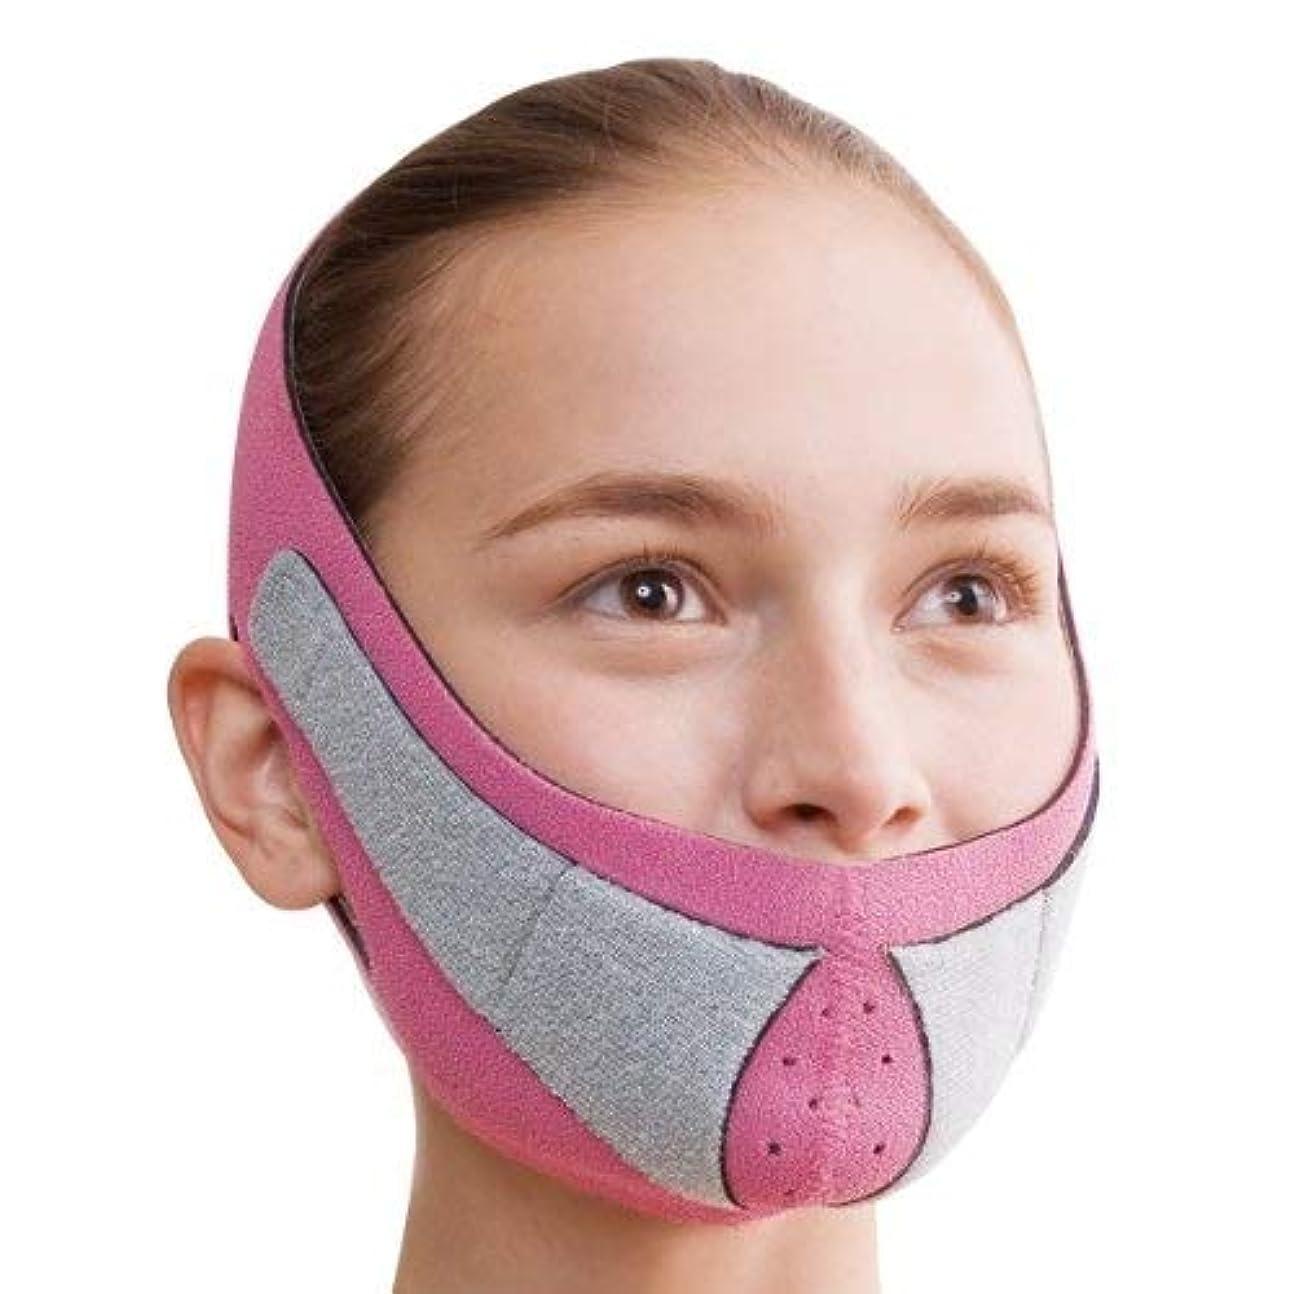 喉頭支払う腹Barchency 小顔マスク フェイスベルト 顔痩せ フェイスリフト アゴ 顔のゆがみ 矯正 口元が飛び出す 二重あご ほうれい線などに 男女兼用